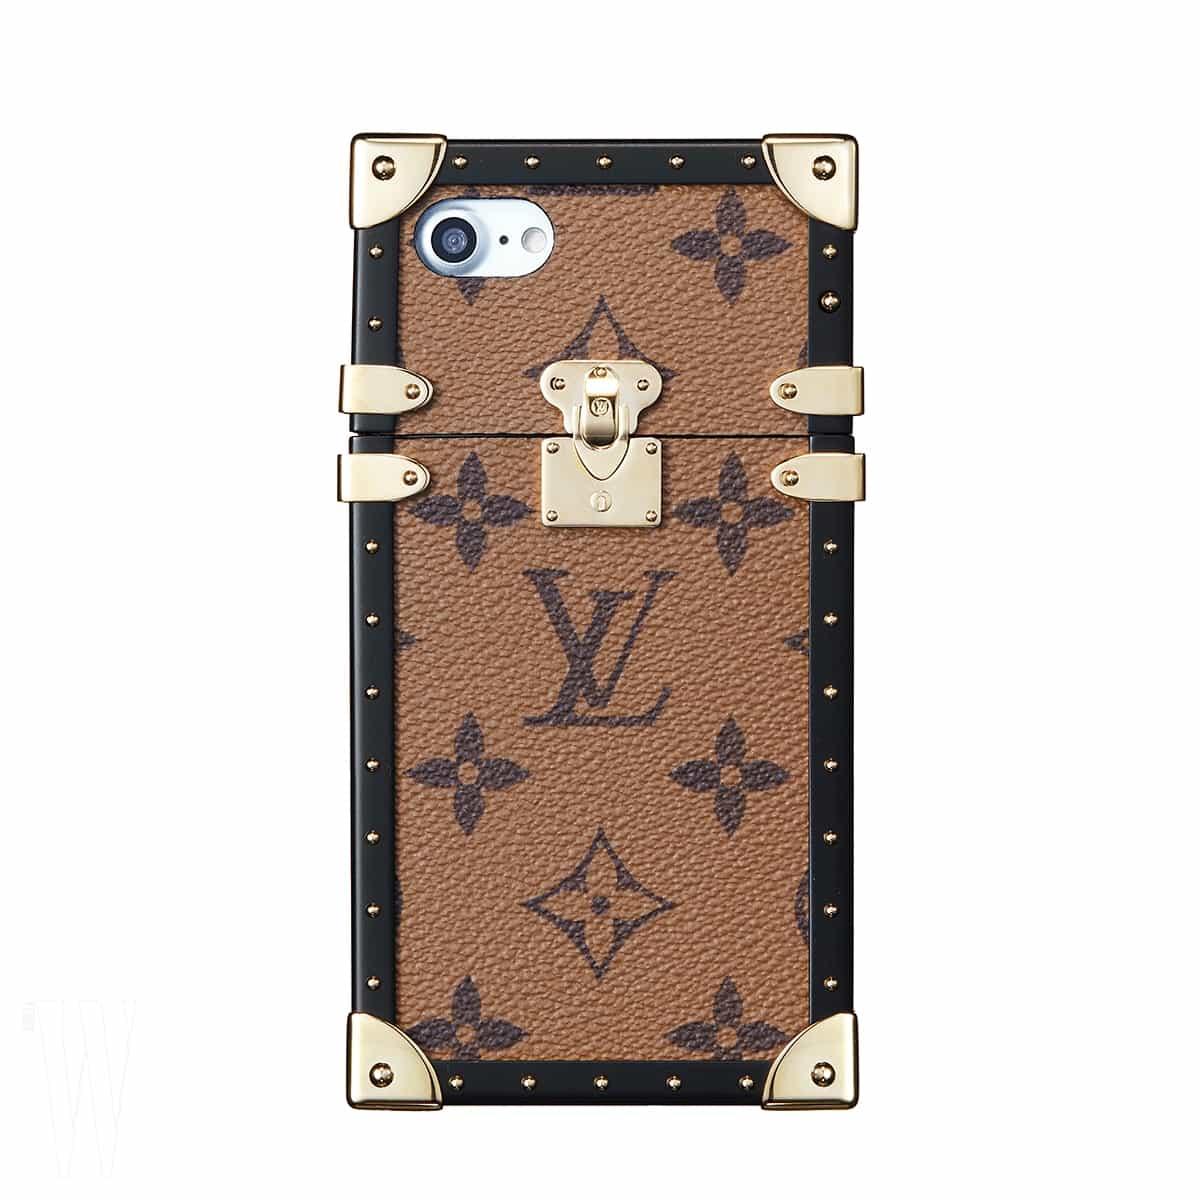 모노그램 프린트의 휴대폰 케이스는 루이 비통 제품. 1백40만원